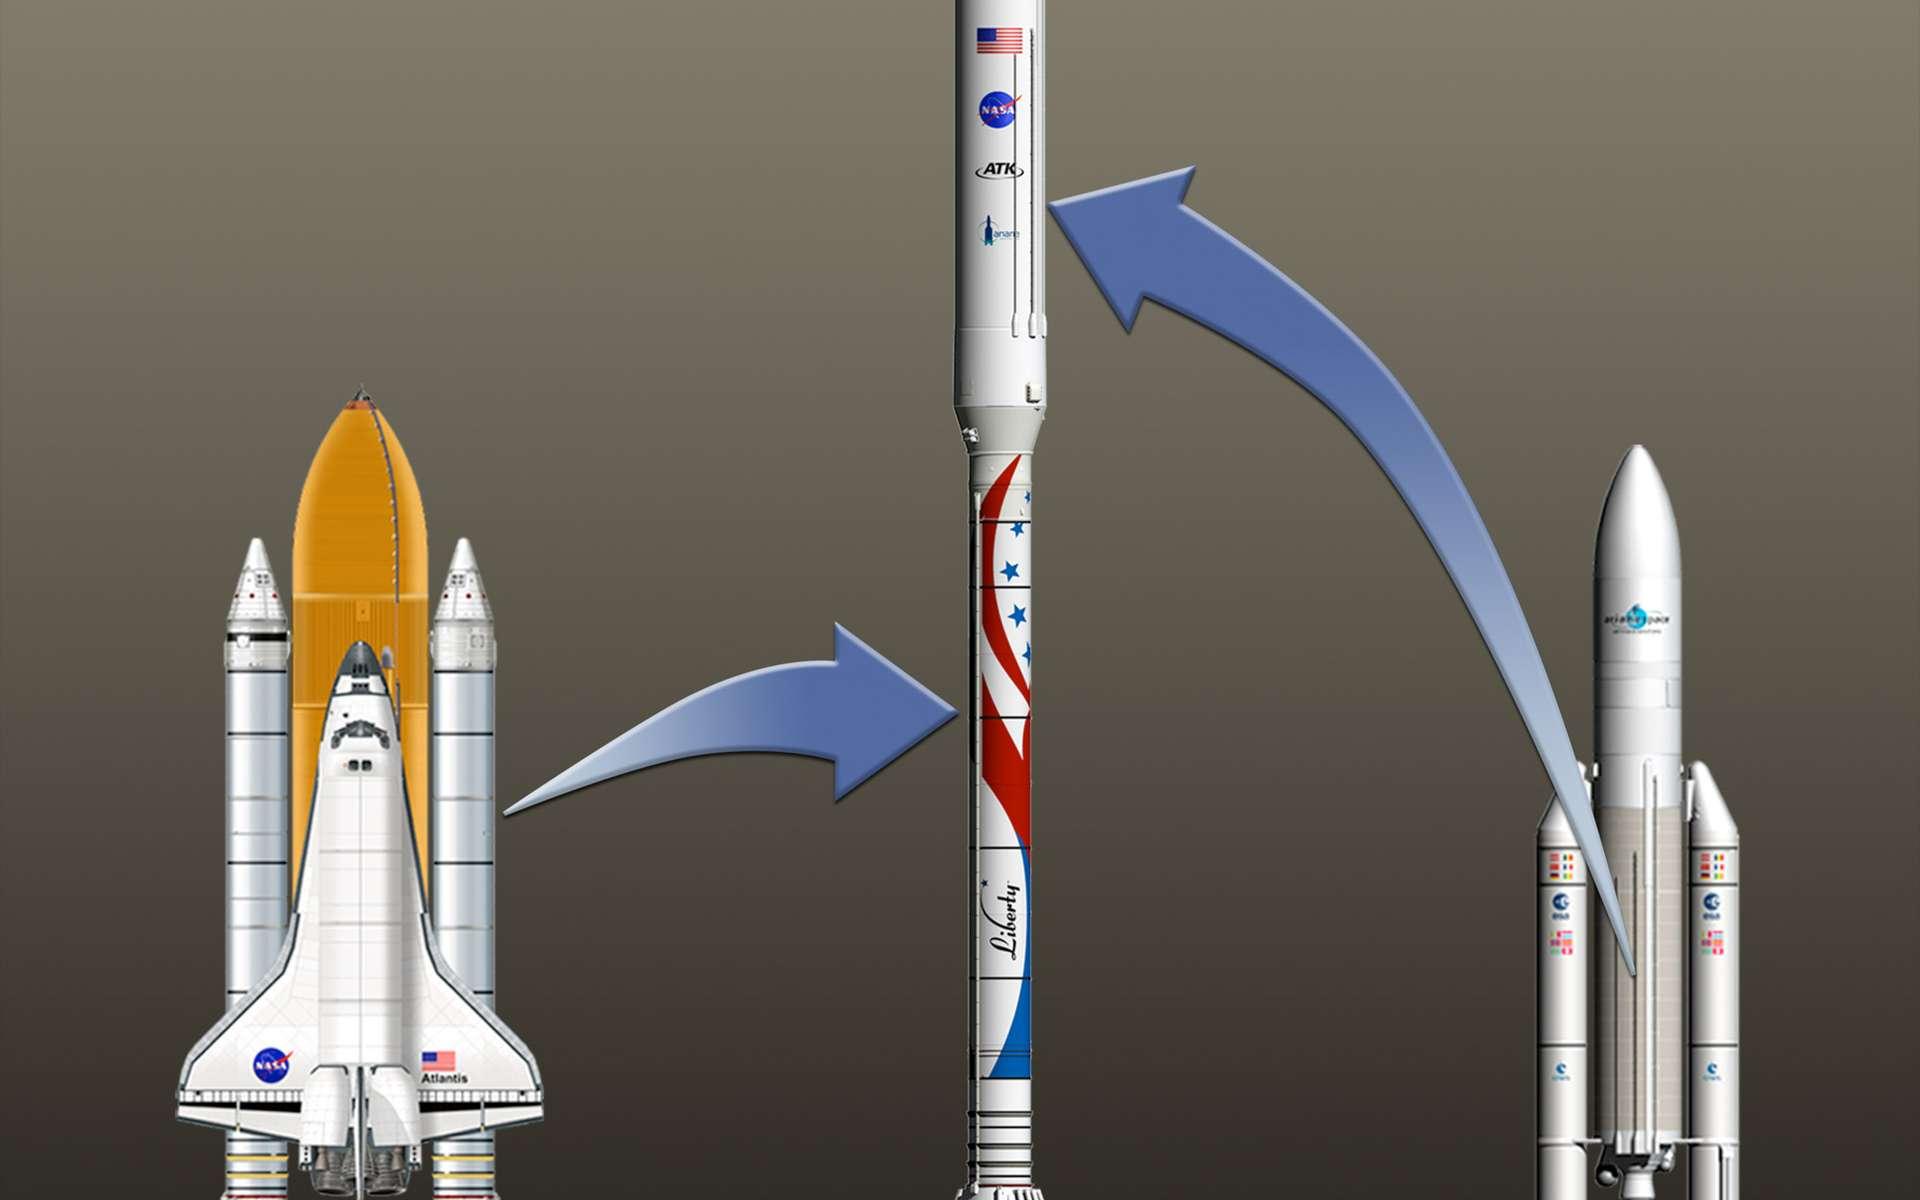 En utilisant des éléments de lanceurs existants pour en former un nouveau, ATK et Astrium font deux paris. Ils pensent mettre au point un lanceur à faible coût et aussi fiable que sont les éléments de la navette et d'Ariane 5 qu'ils réutilisent. © Alliant Techsystems Inc.